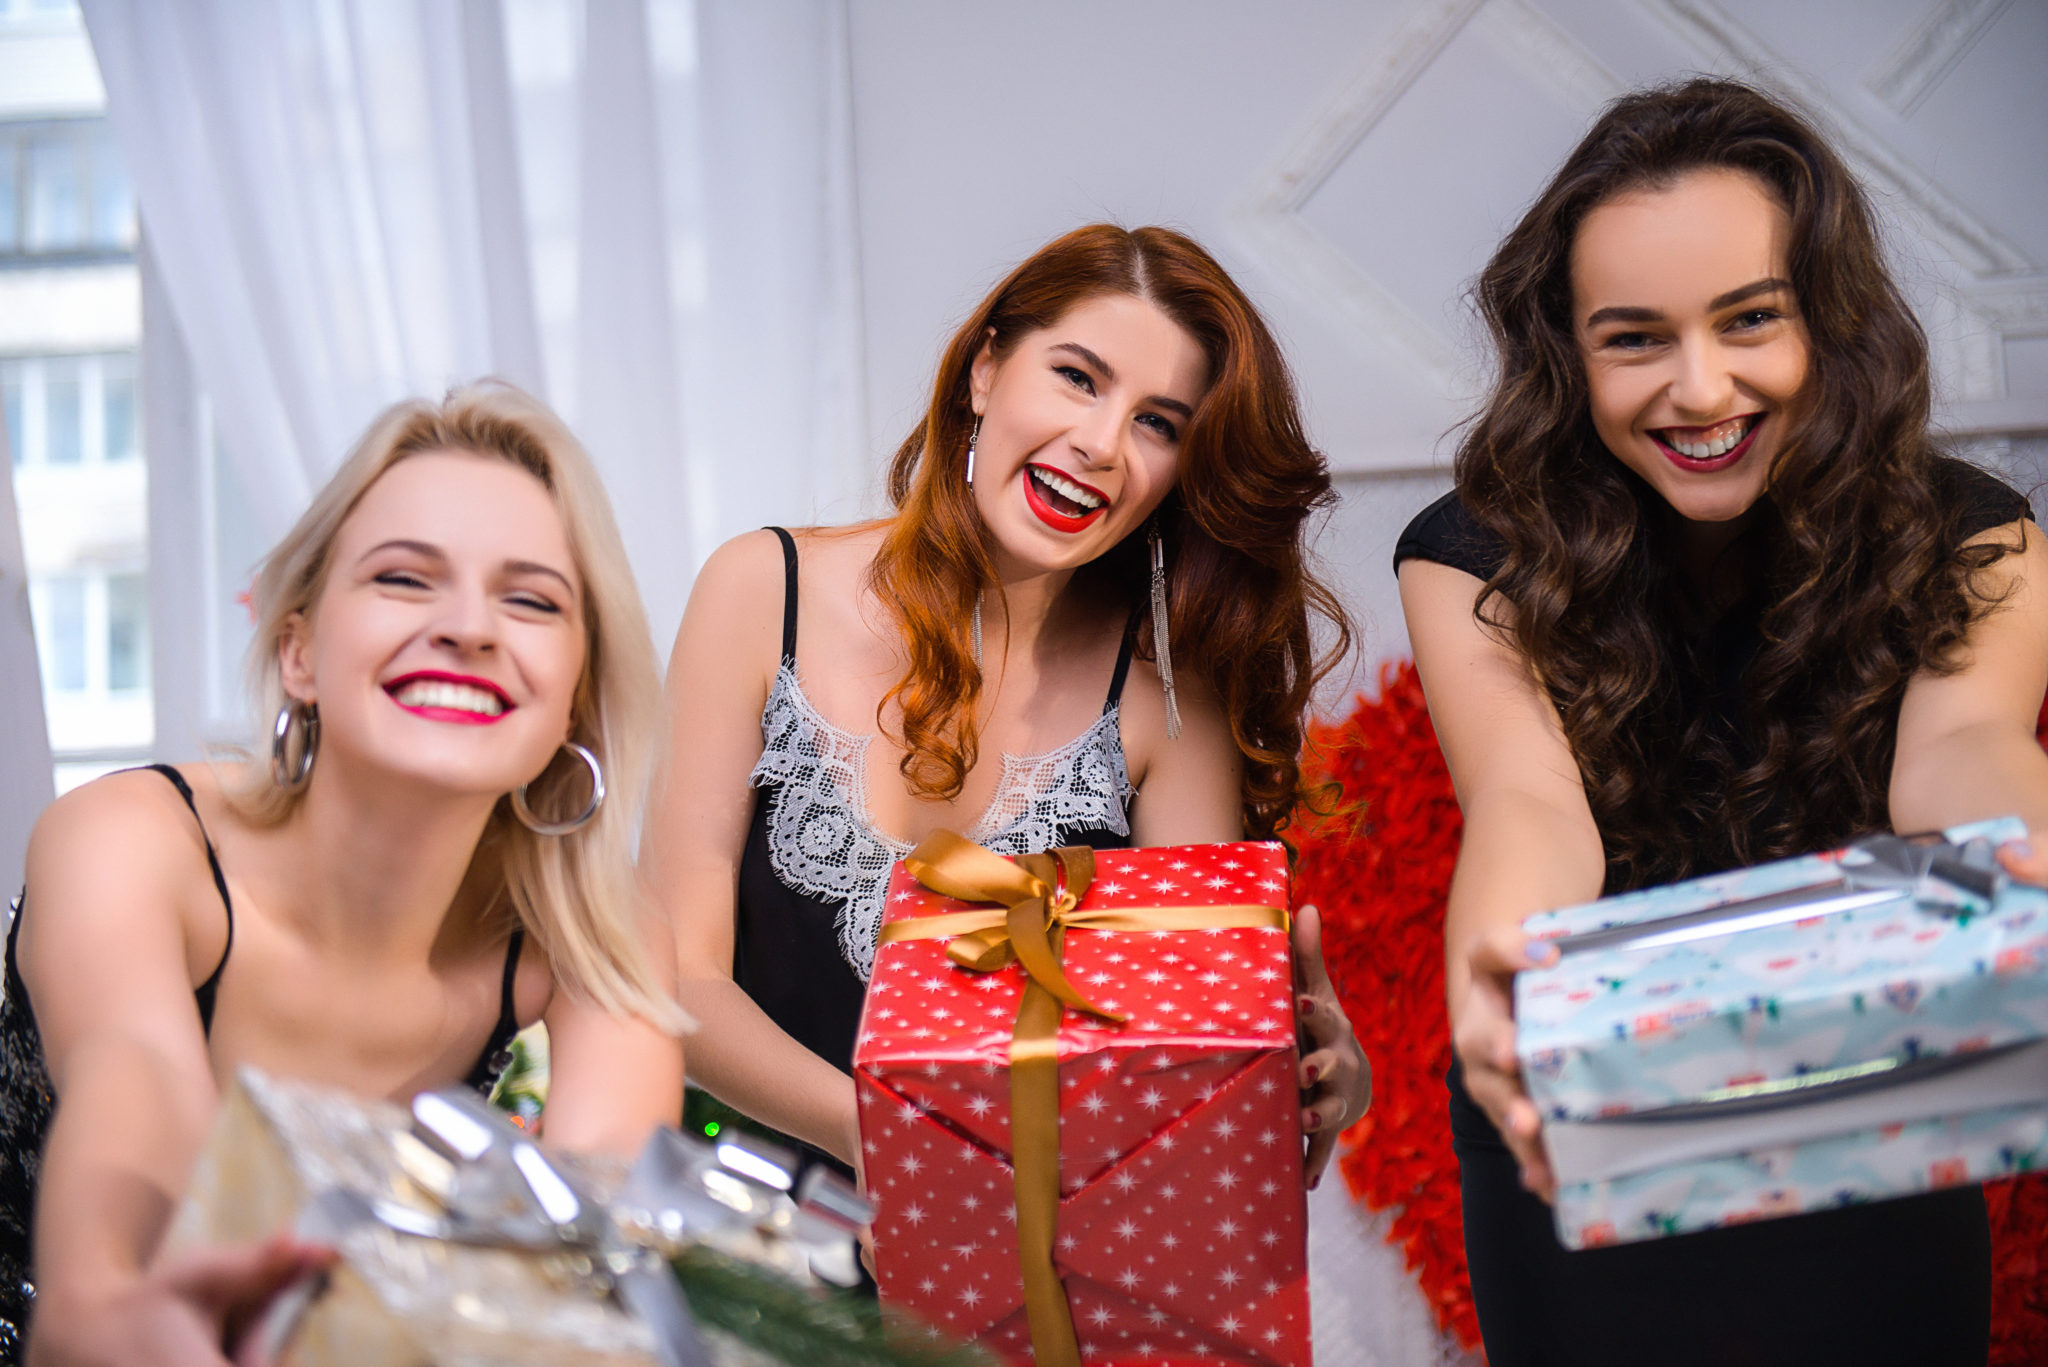 Девичник в студии, 3 девушки в платьях протягивающие фотографу подарочные коробки